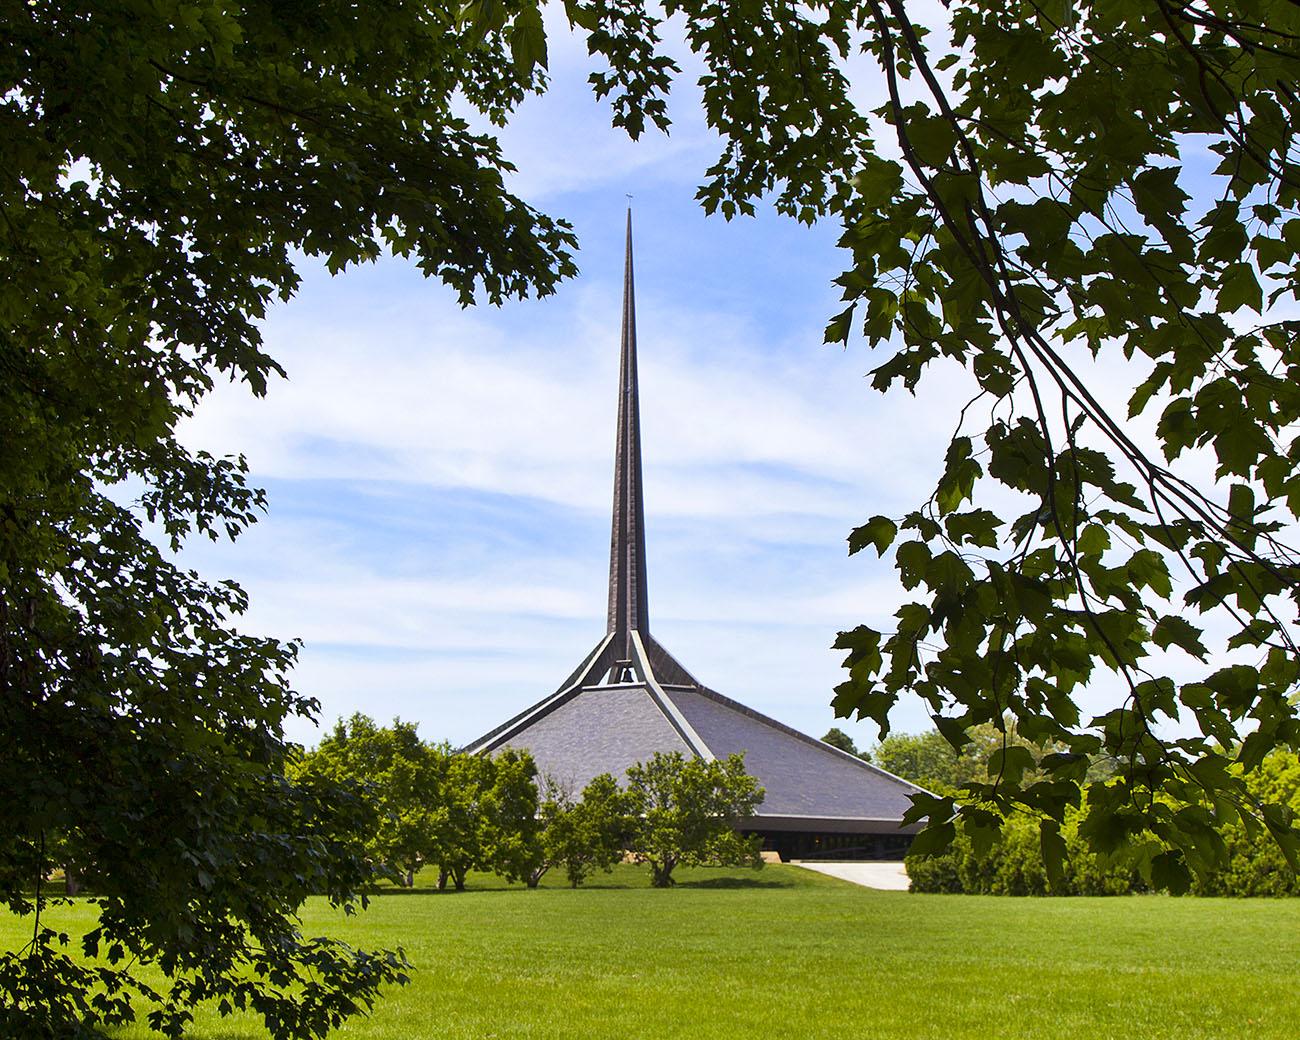 Krikščionių bažnyčia JAV (arch. Eero Saarinen, 1964). Foto: Hadley Fruits